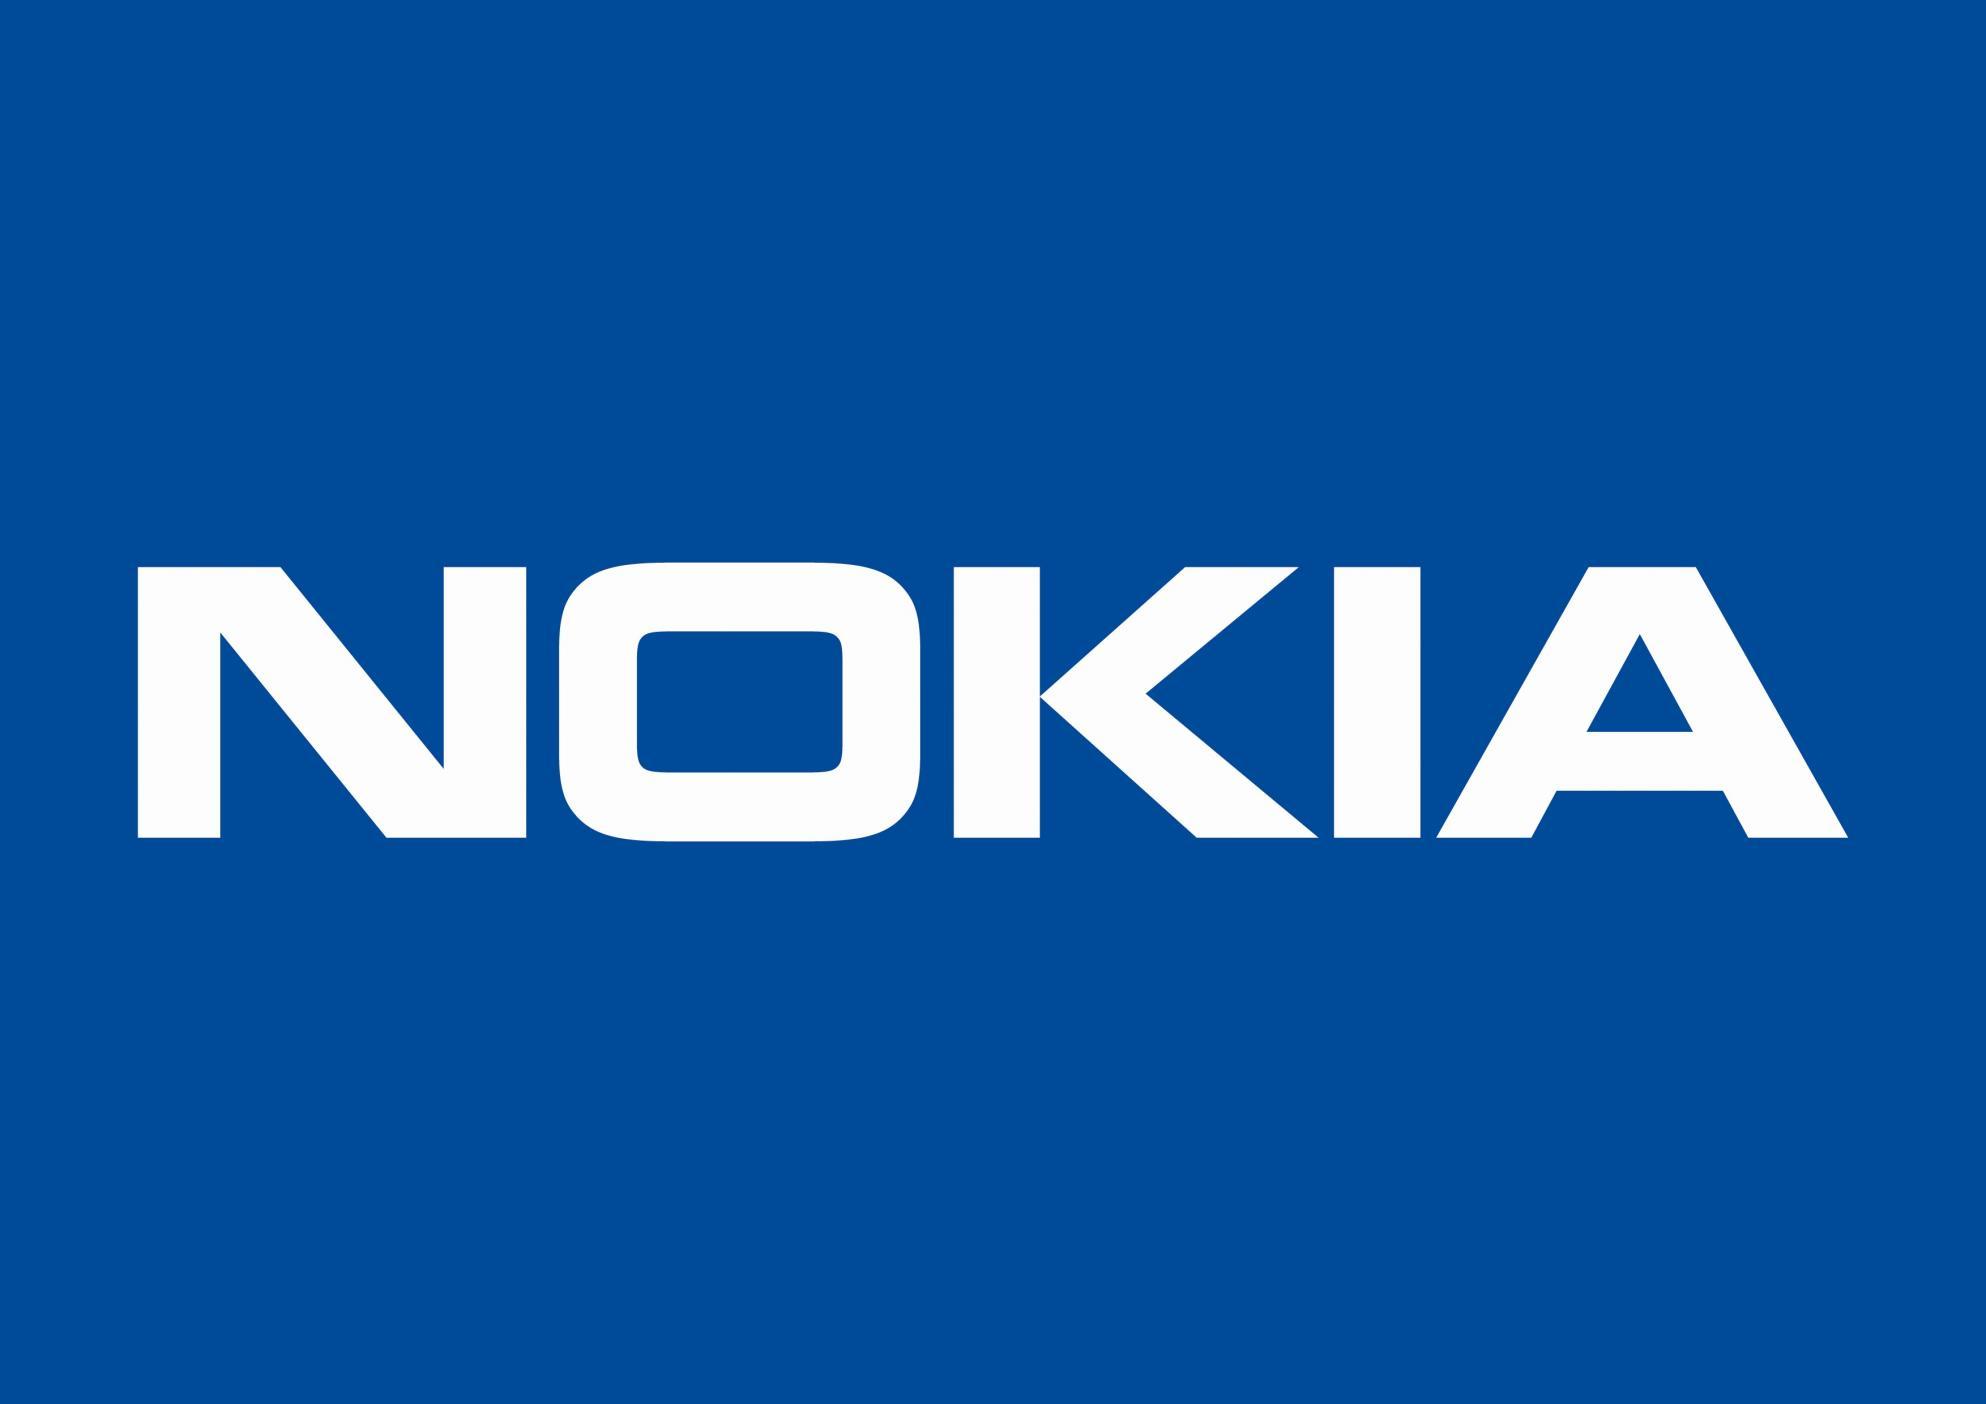 Nokia bêdzie sprzedawaæ swoj± przystawkê do telewizora z Androidem w Europie